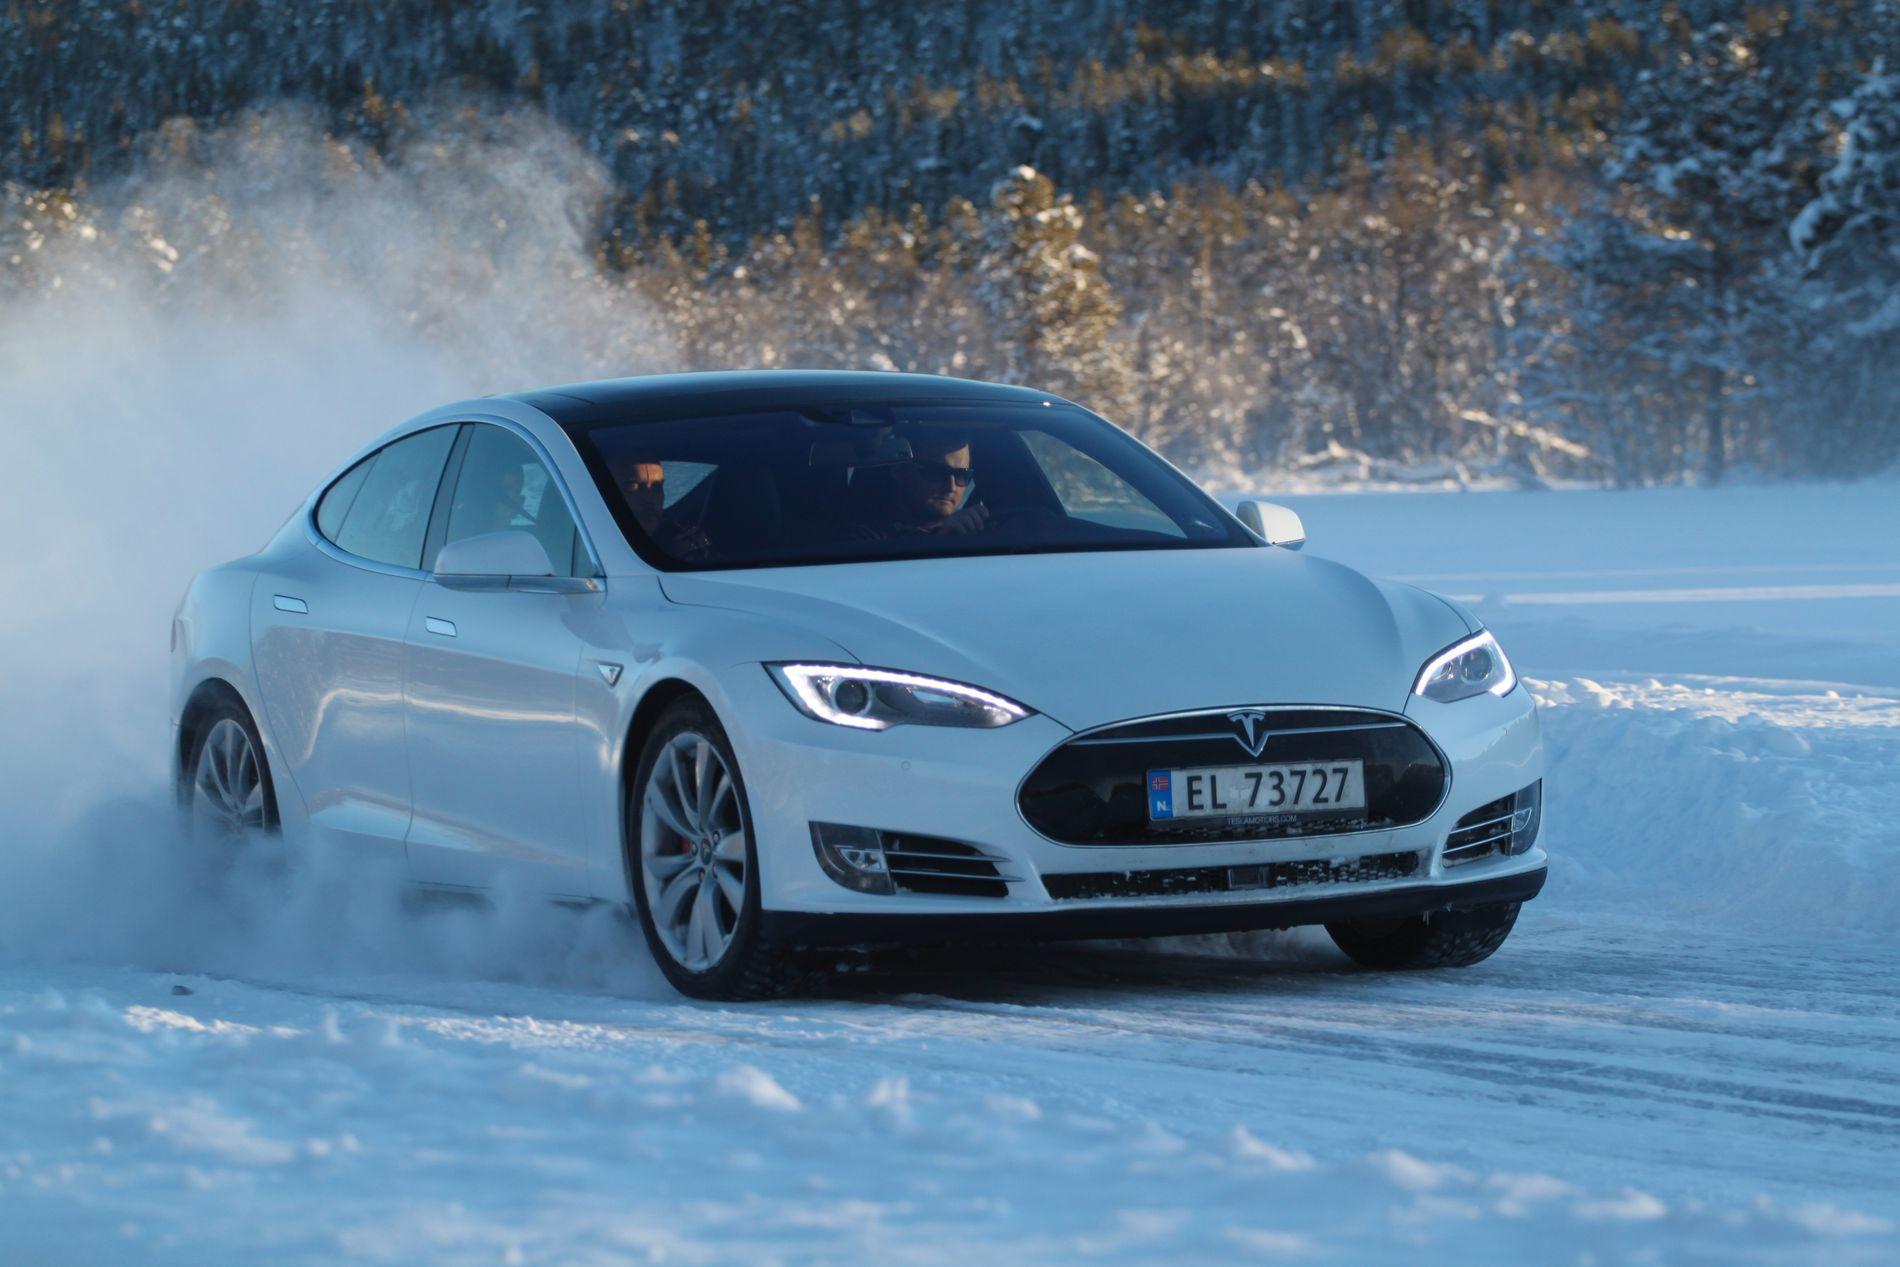 Tesla Model S gjør det best i rekkeviddetest på vinterføre.